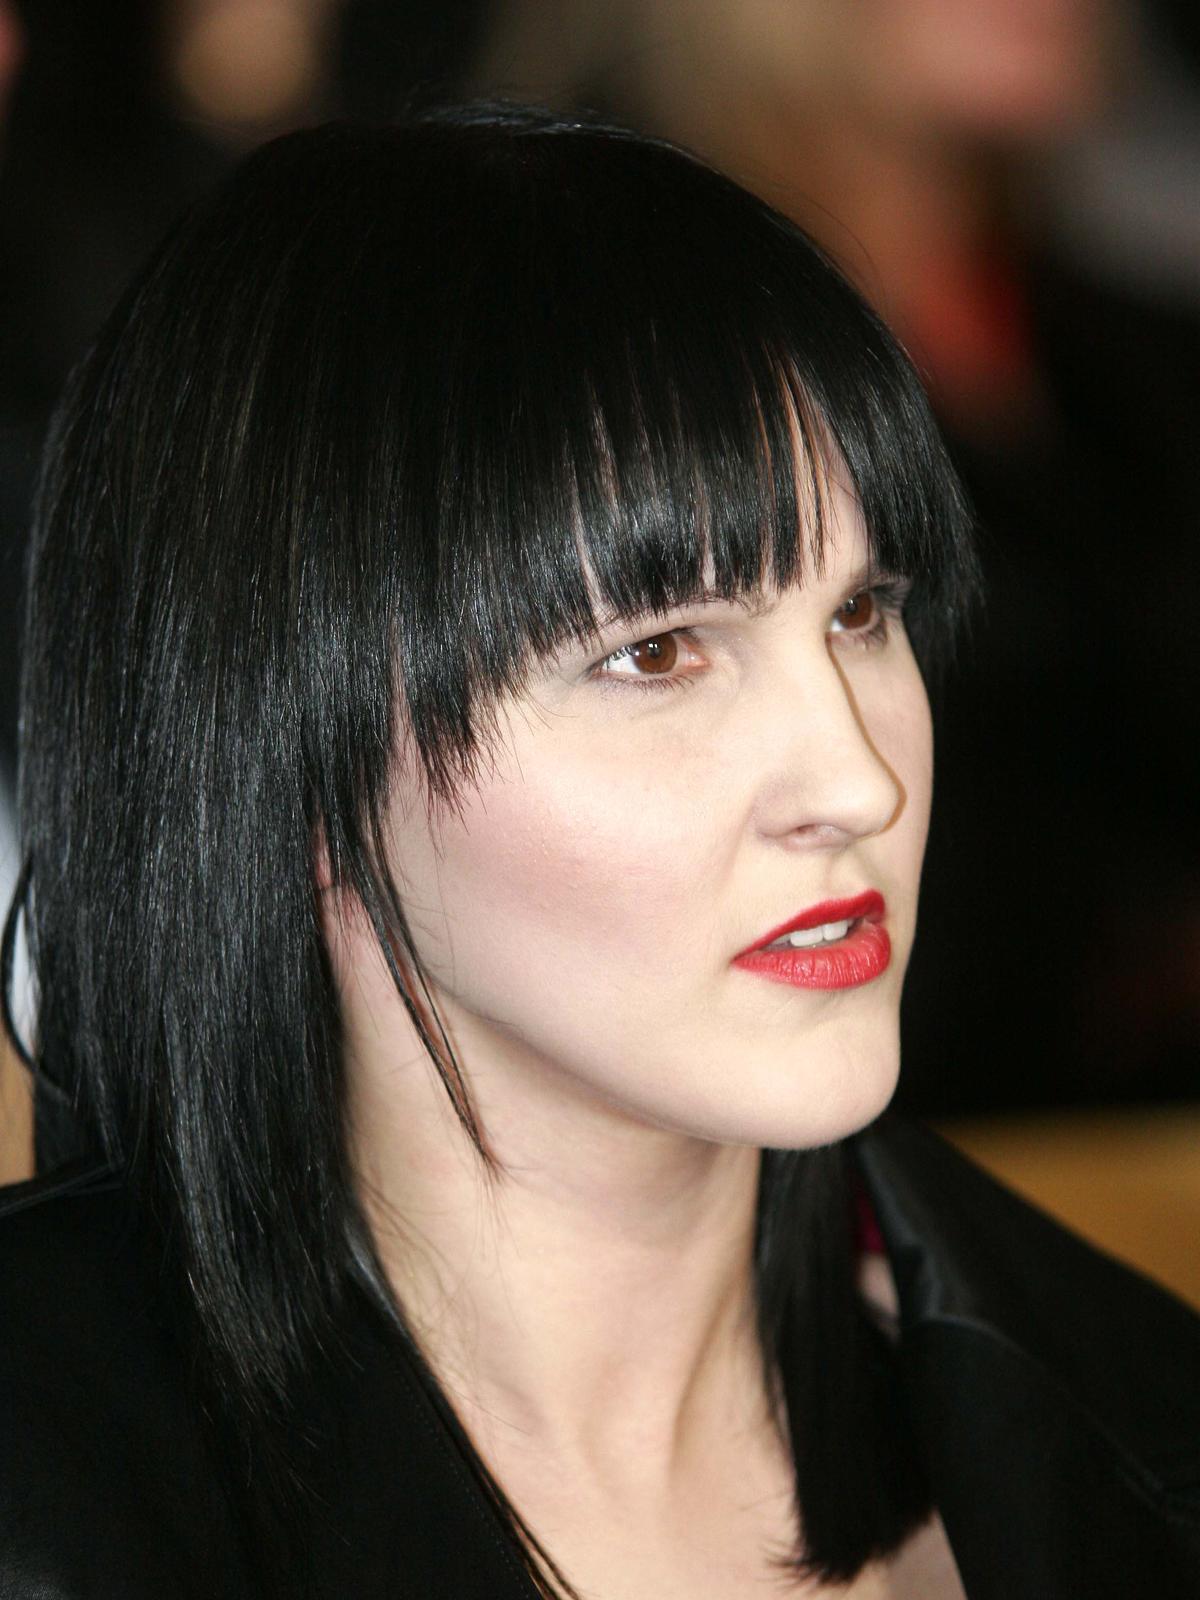 Agnieszka Chylińska, 2005